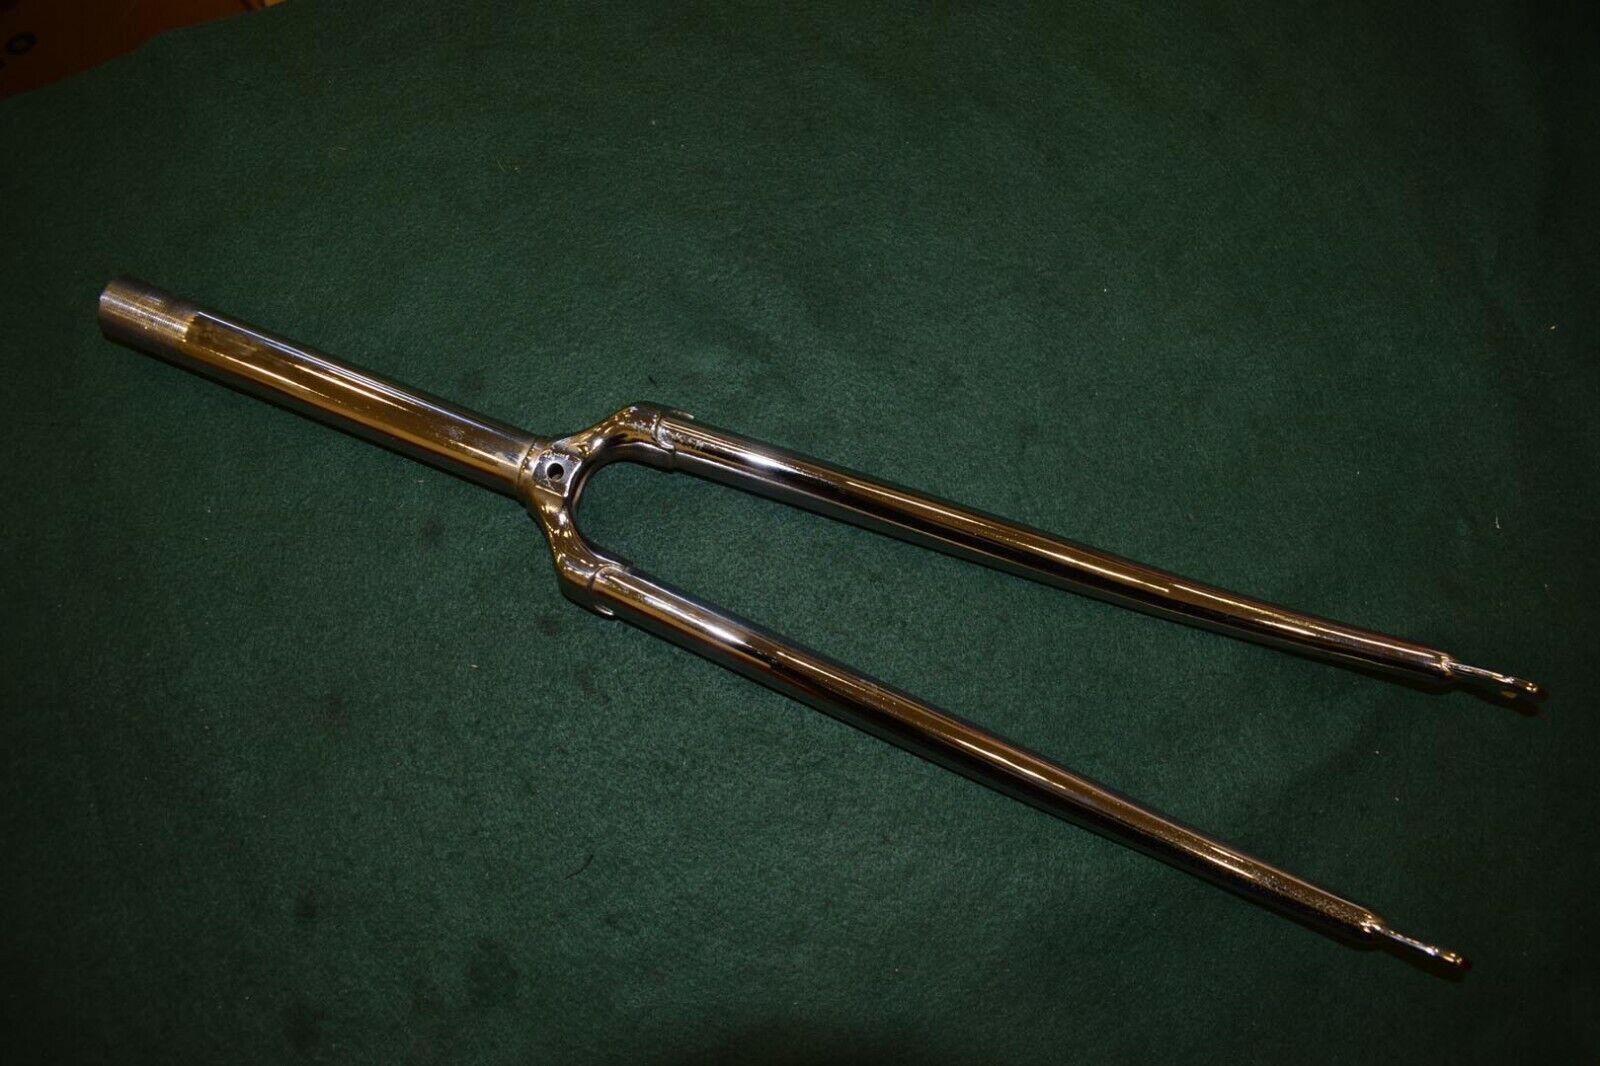 1  Tenedor De Acero Cromo 180mm Mercier tubo de dirección longitud roscada Vintage 1970s Nuevo Viejo Stock